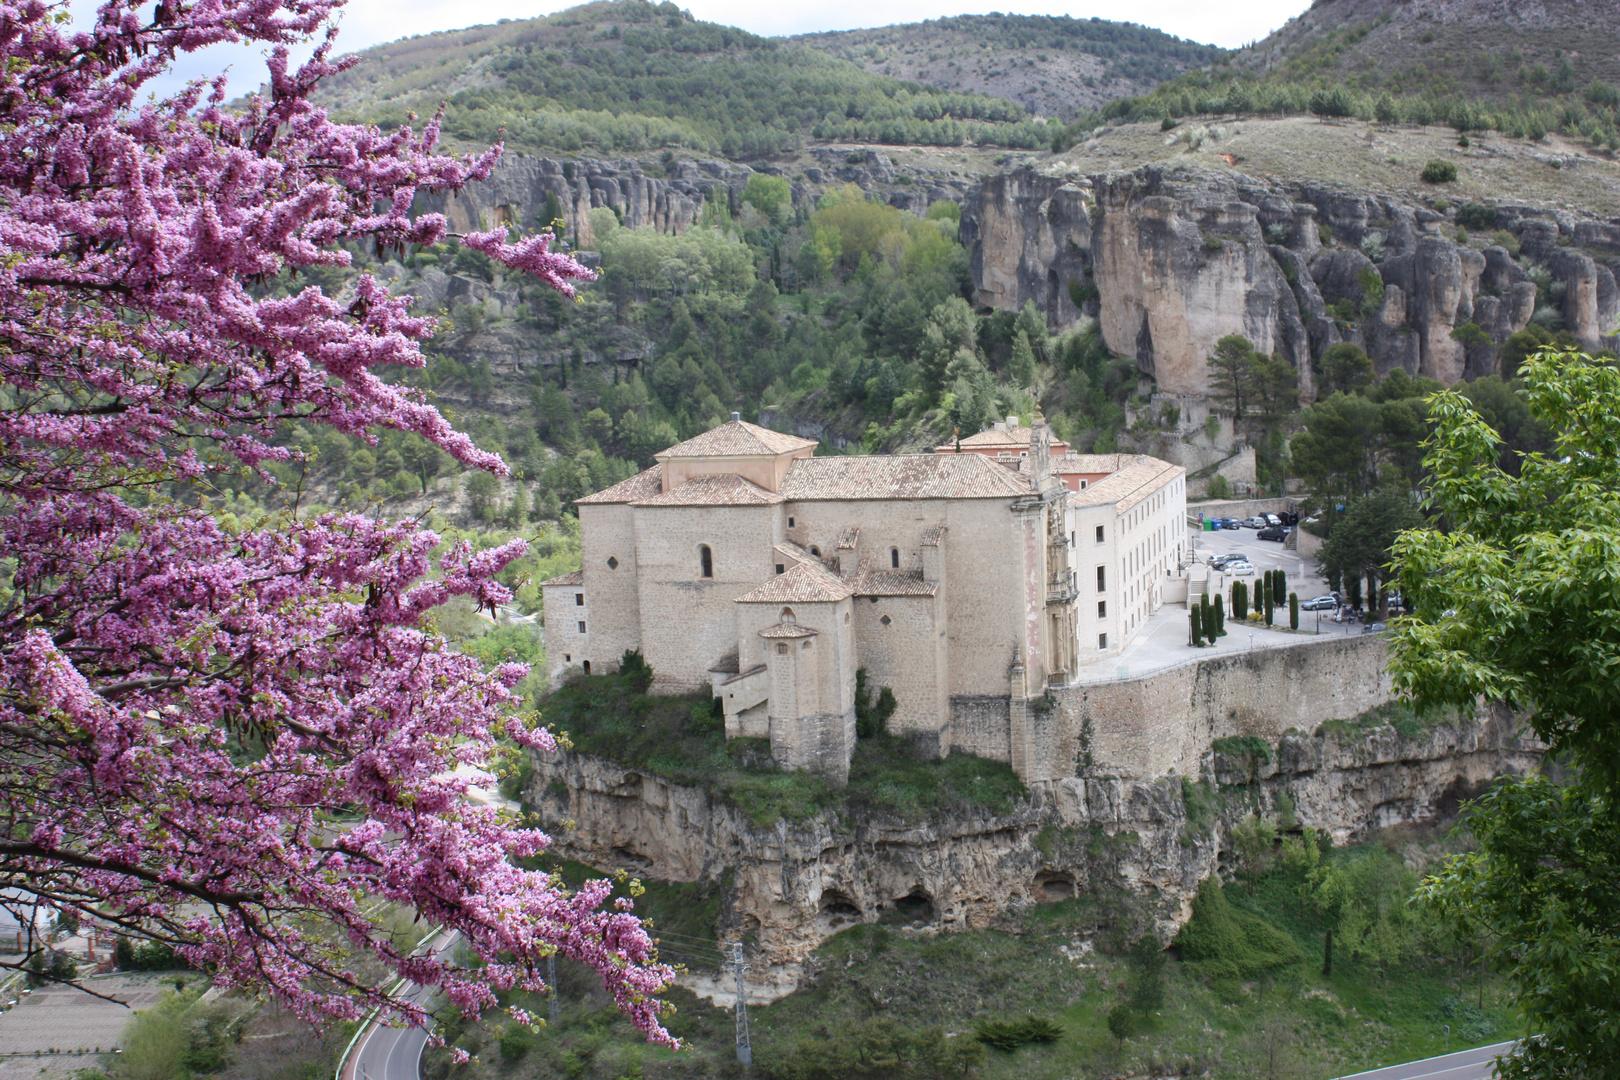 Convento del siglo XVI frente a las casas colgadas